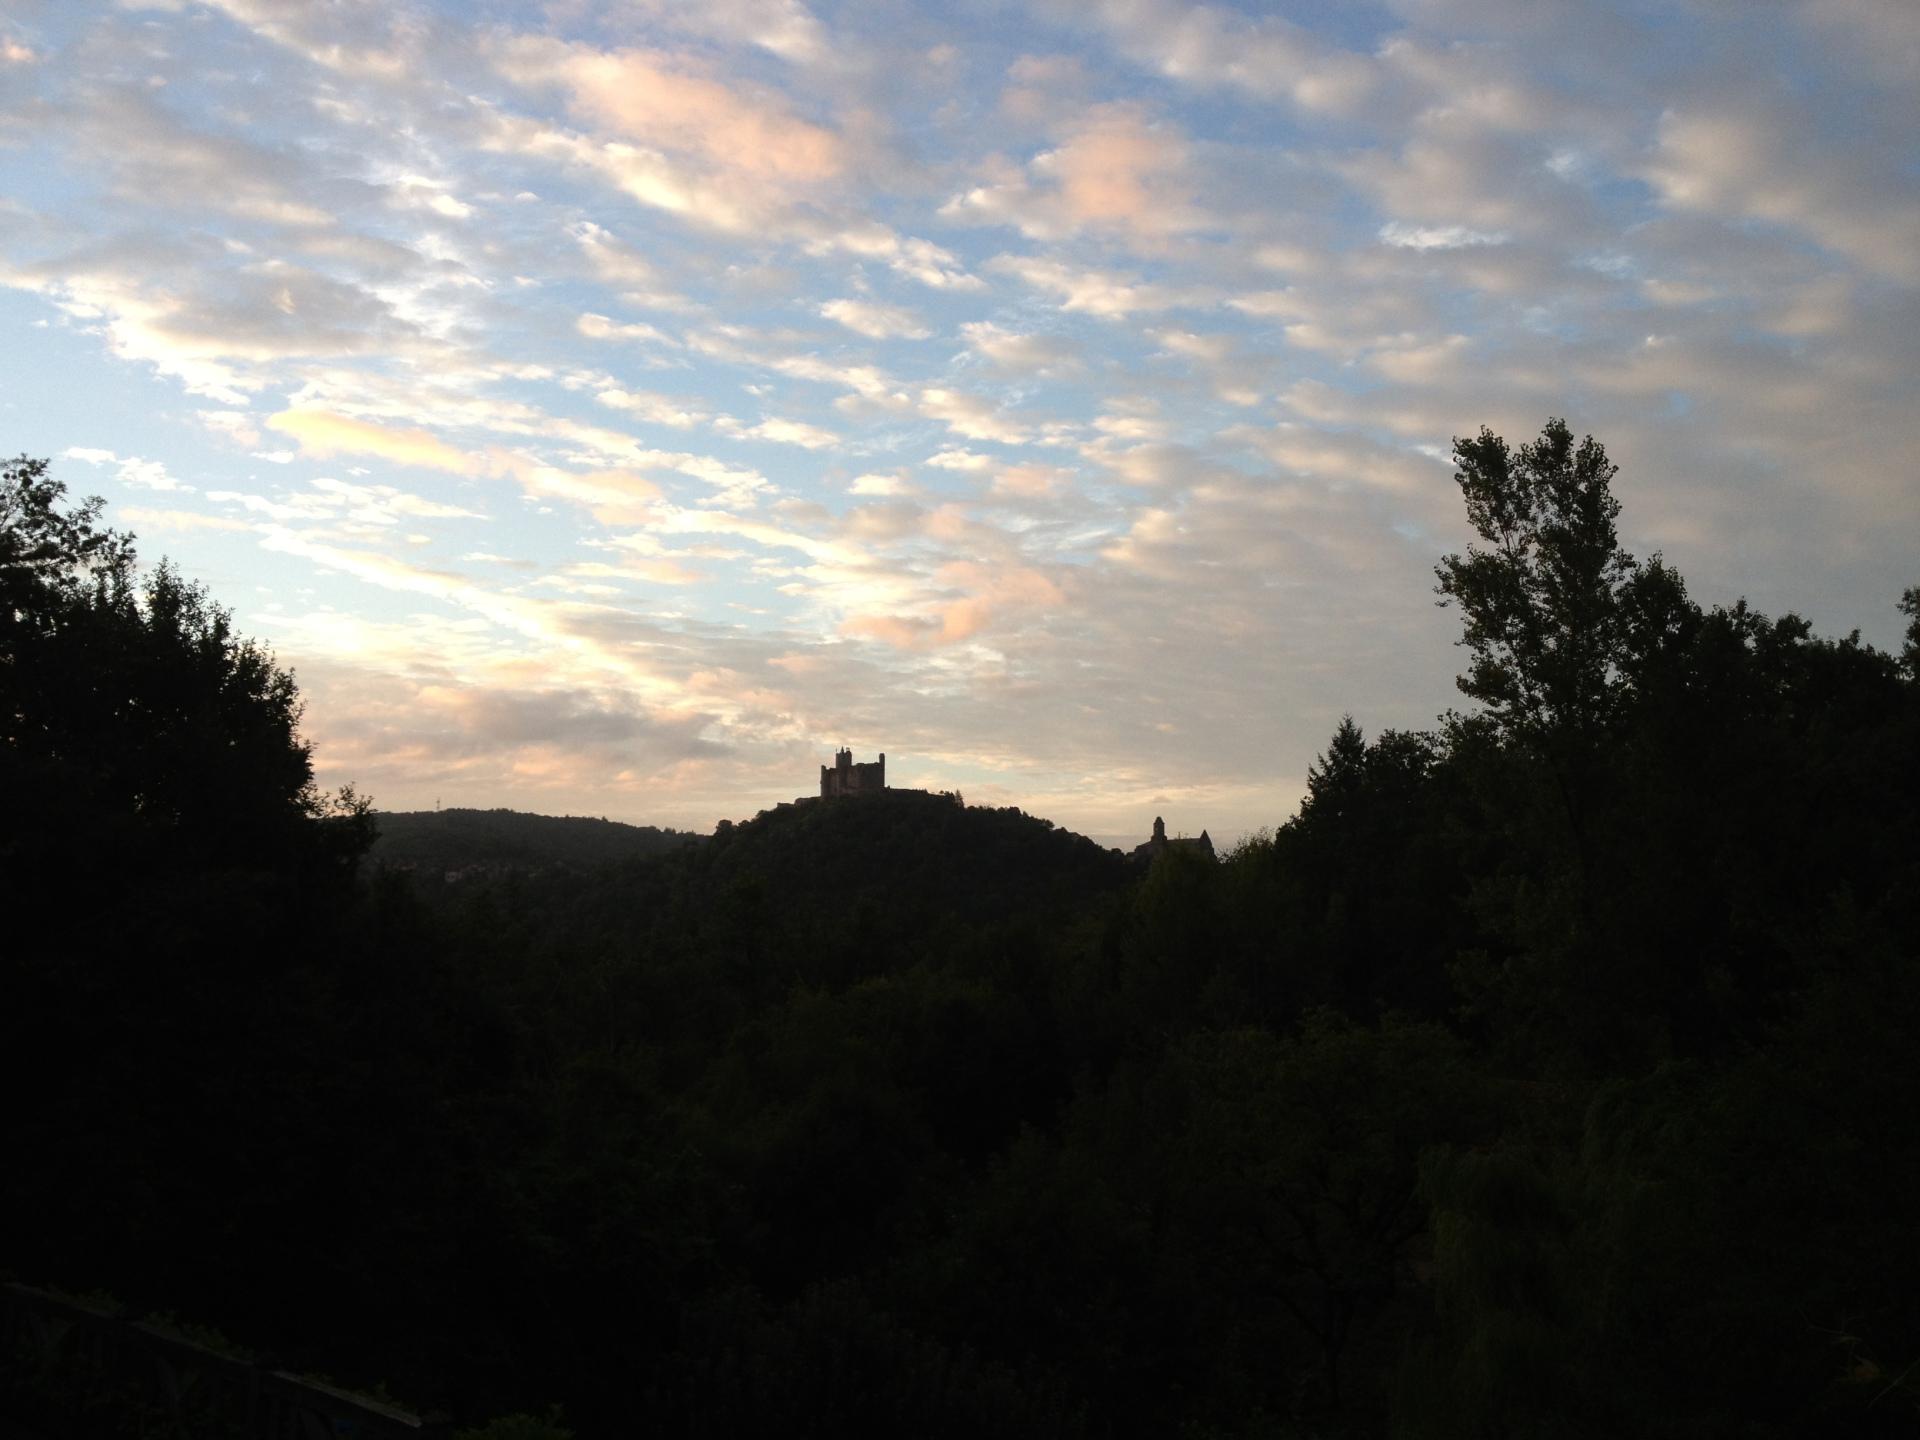 View at Dusk